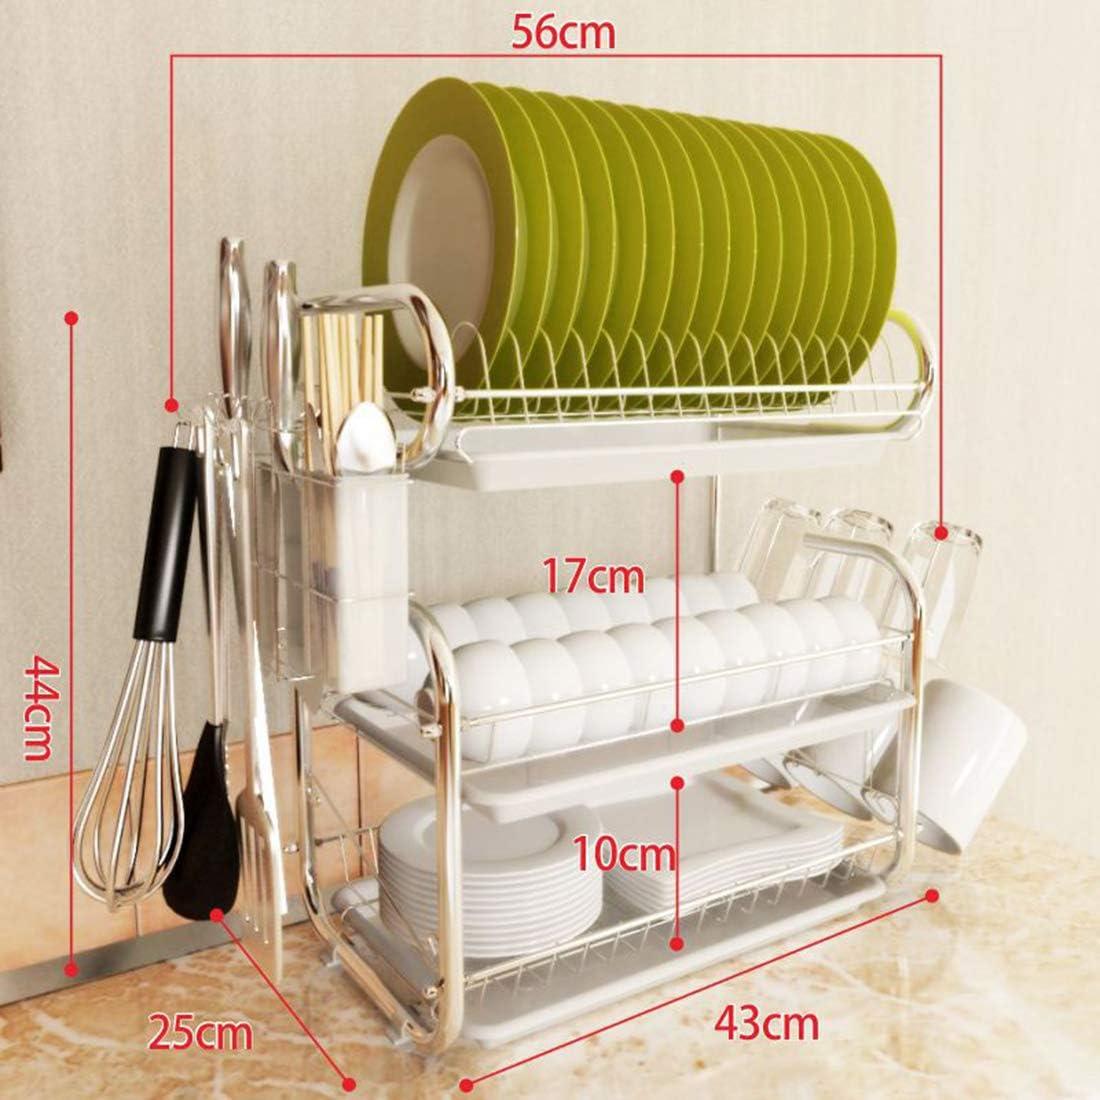 Medium pl/ástico para Platos y Tazas Acero Inoxidable Escurreplatos 3 Pisos 56 x 44 x 25 cm Blanco Dittzz